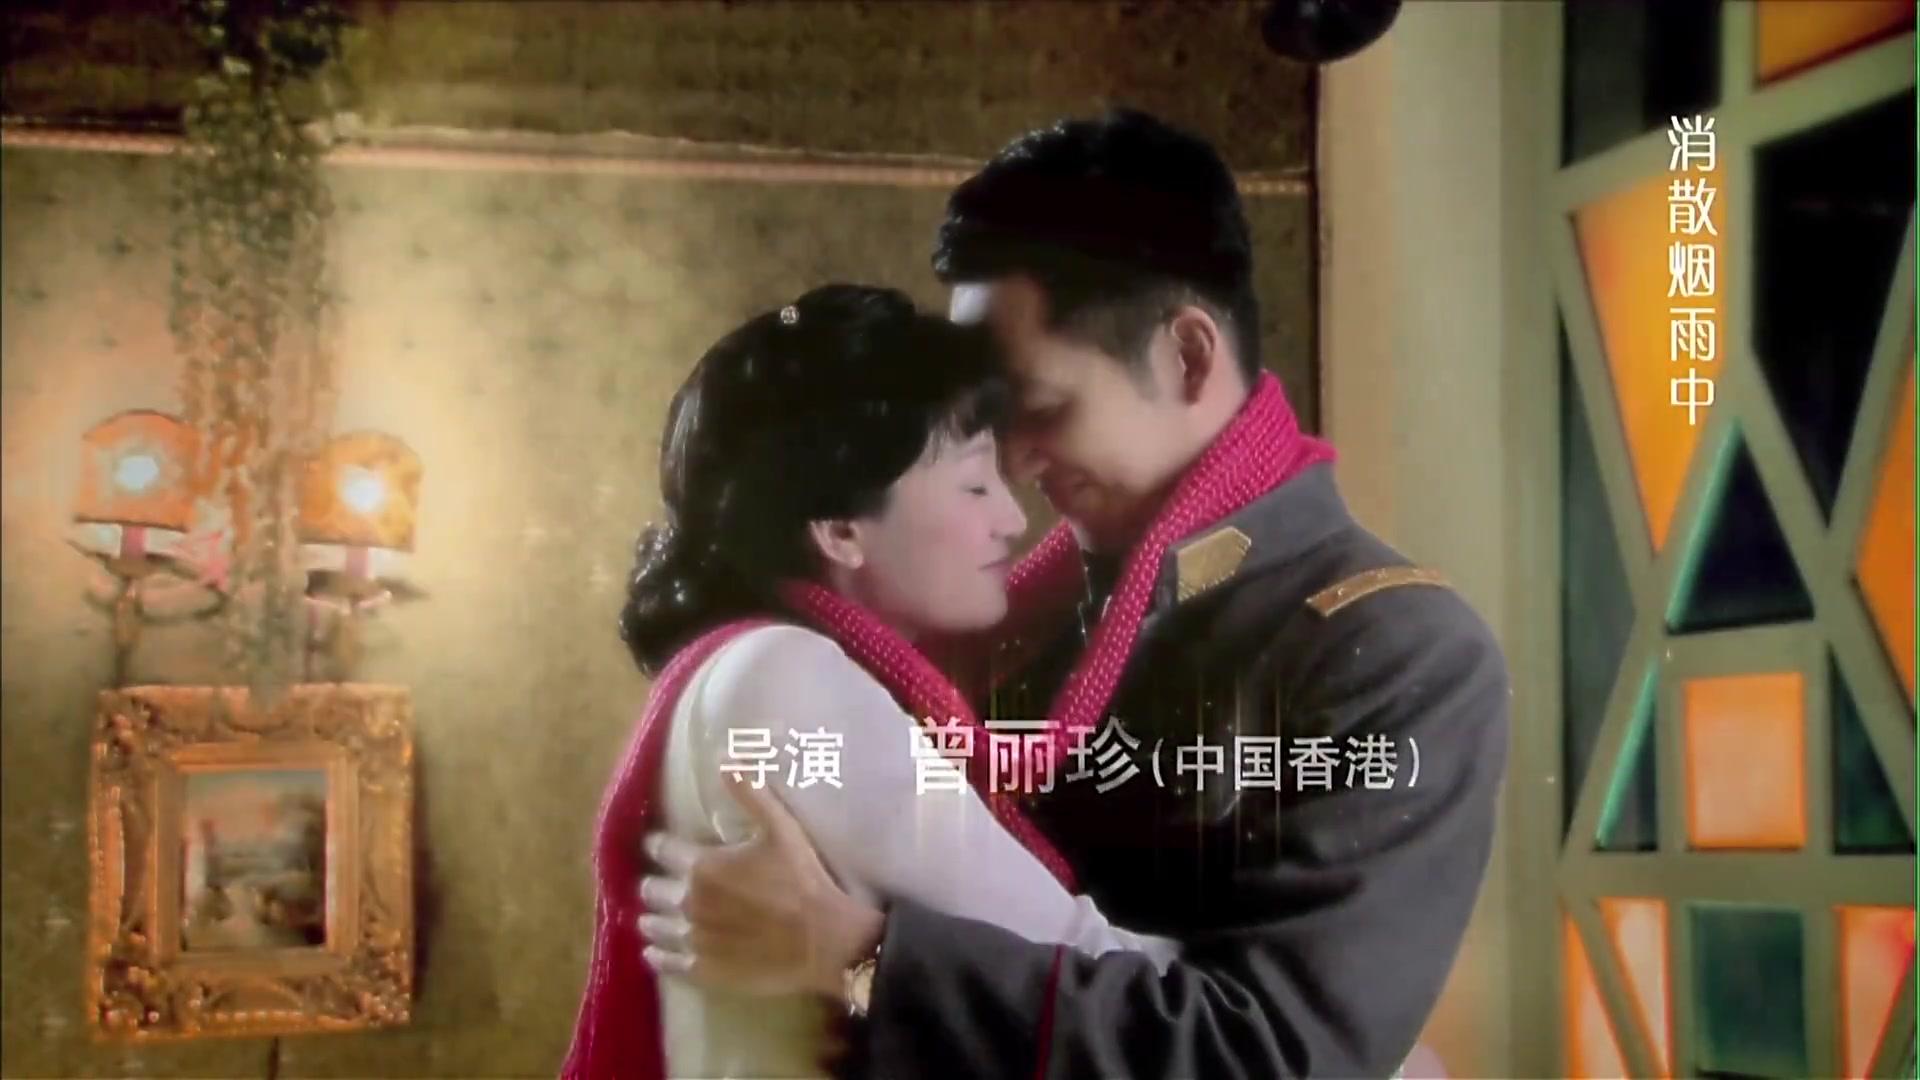 头曲《是我在做多情种》-胡杨林-是我在做多情种的全部相关视频